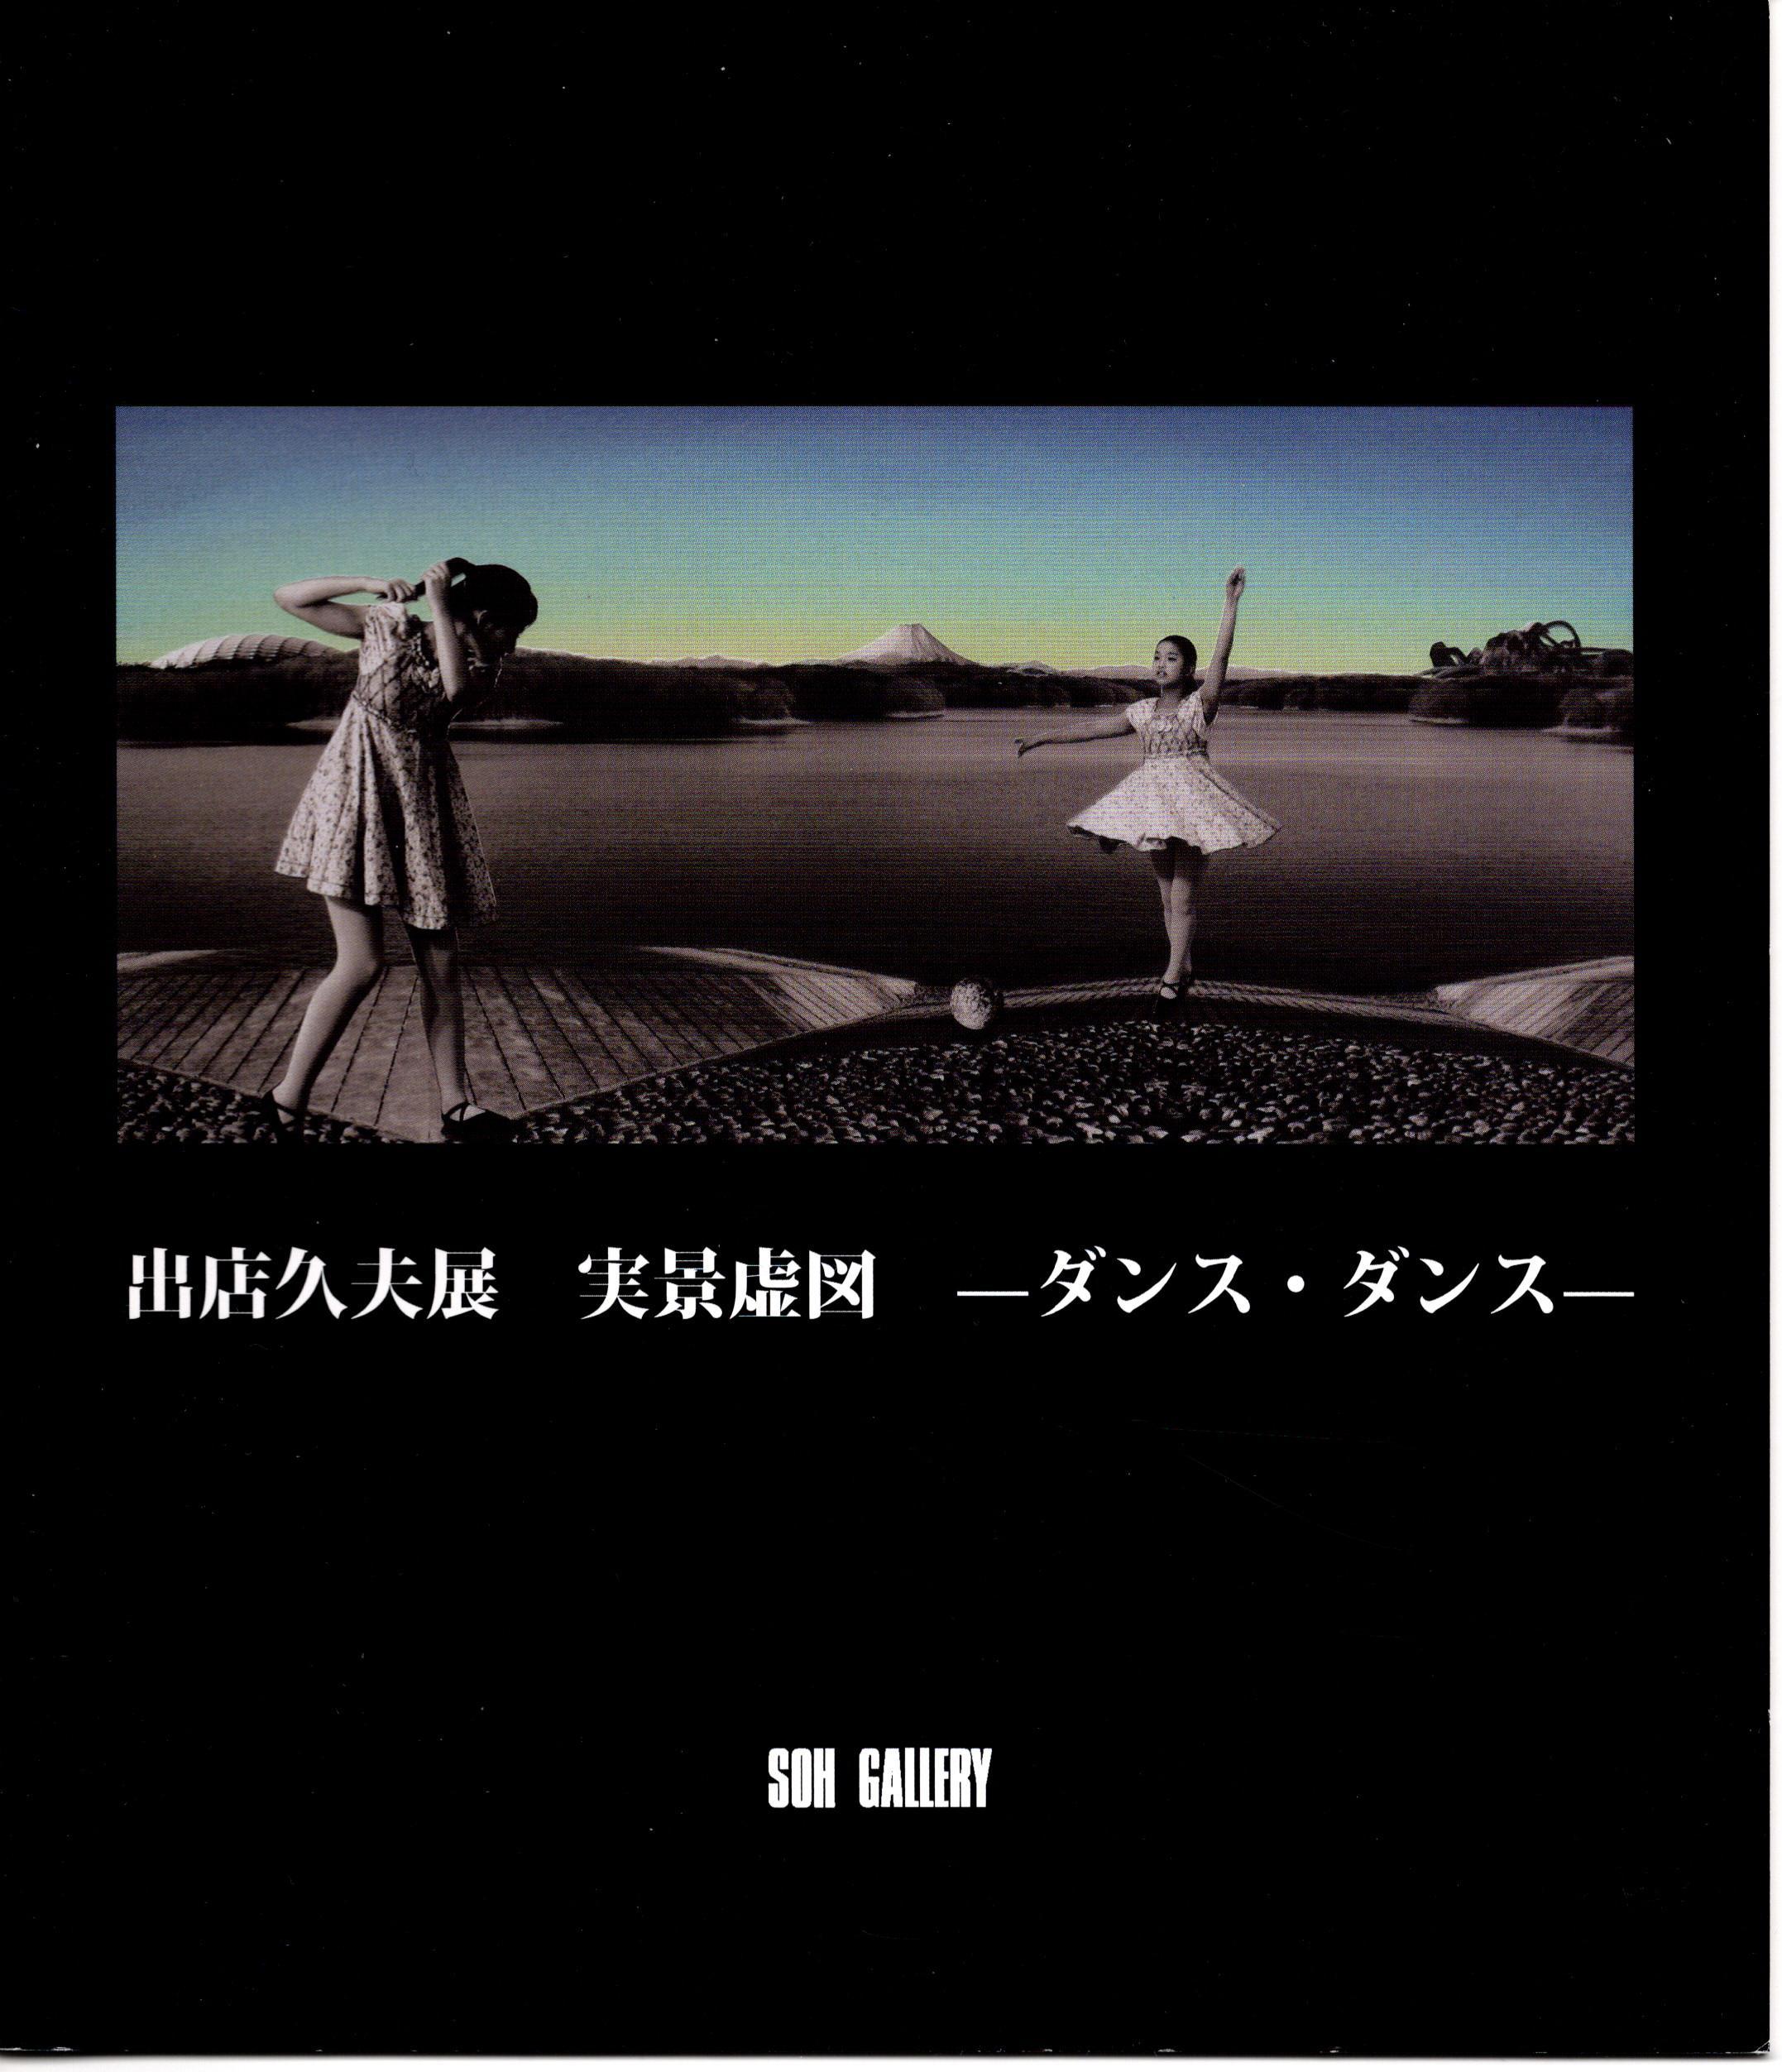 出店久夫展 「実景虚図―ダンス・ダンス―」